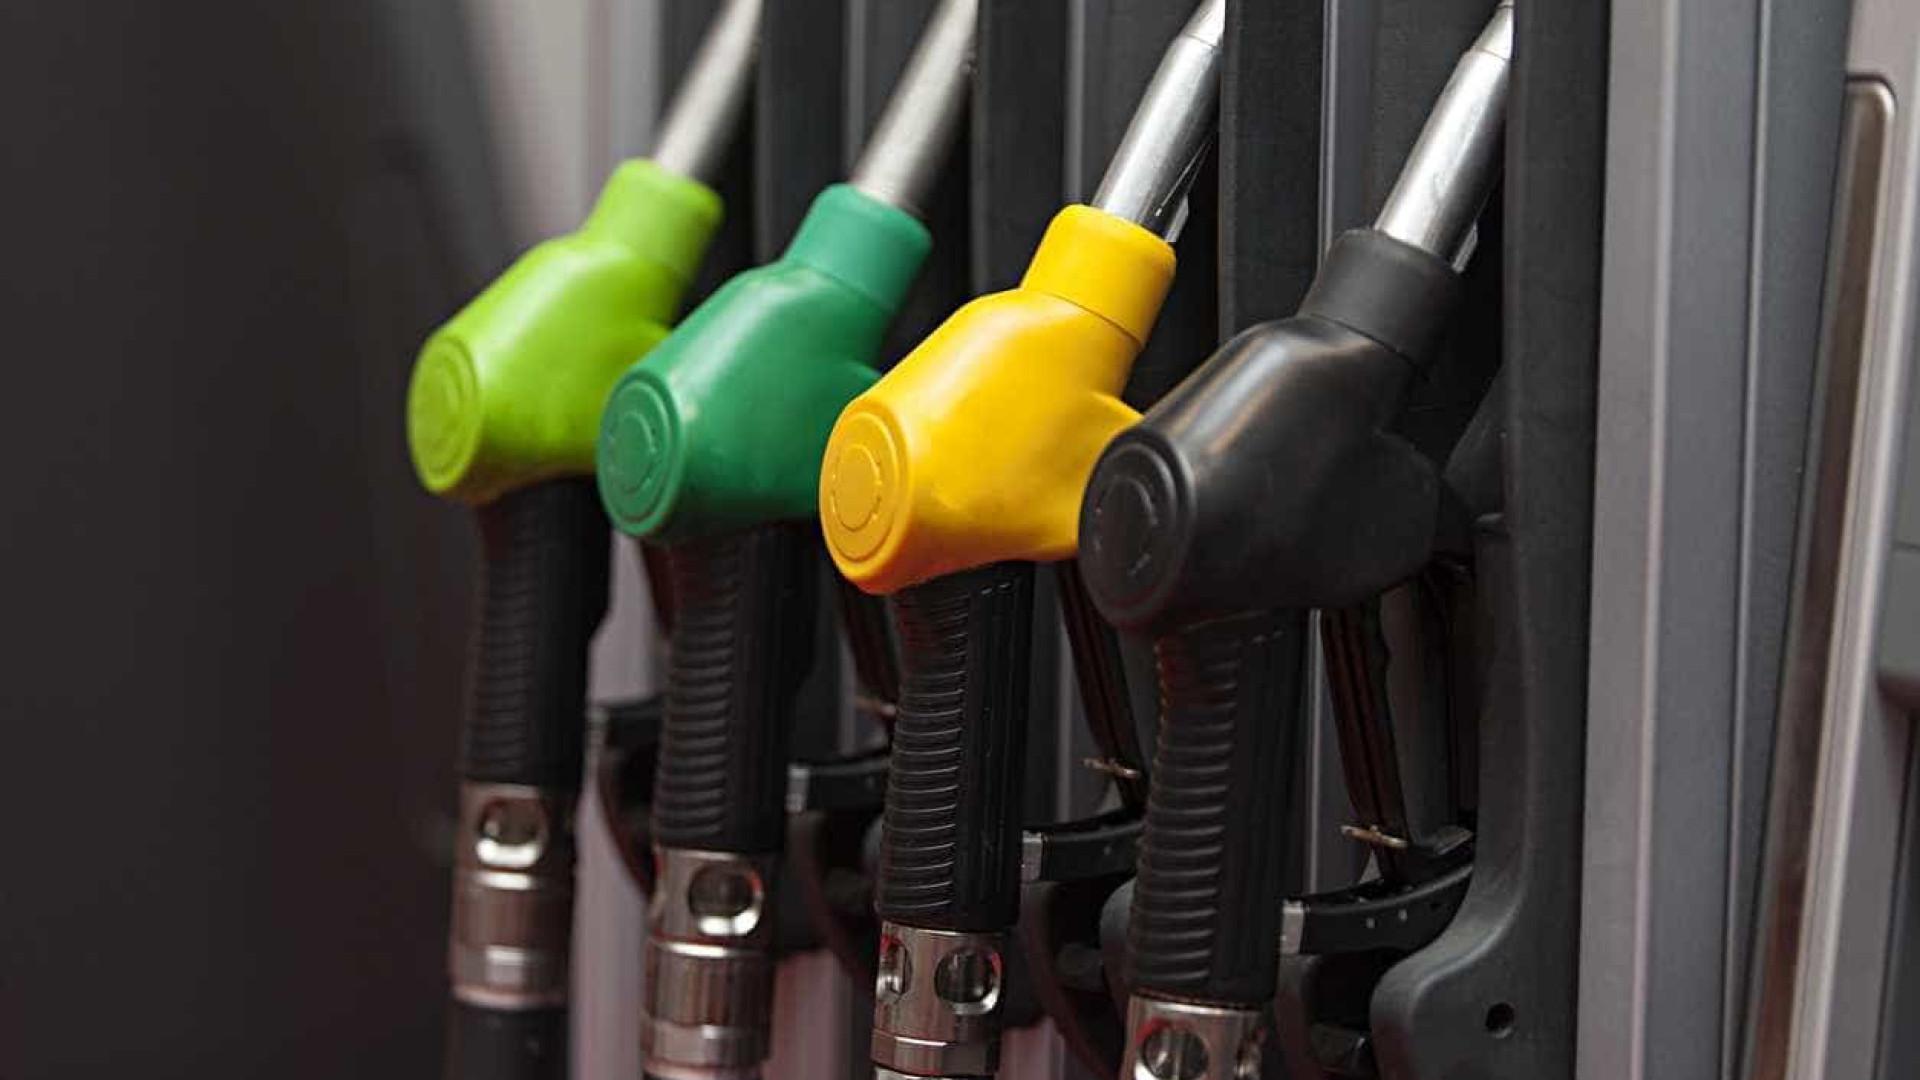 Preço do gasóleo vai subir, mas nem tudo são más notícias